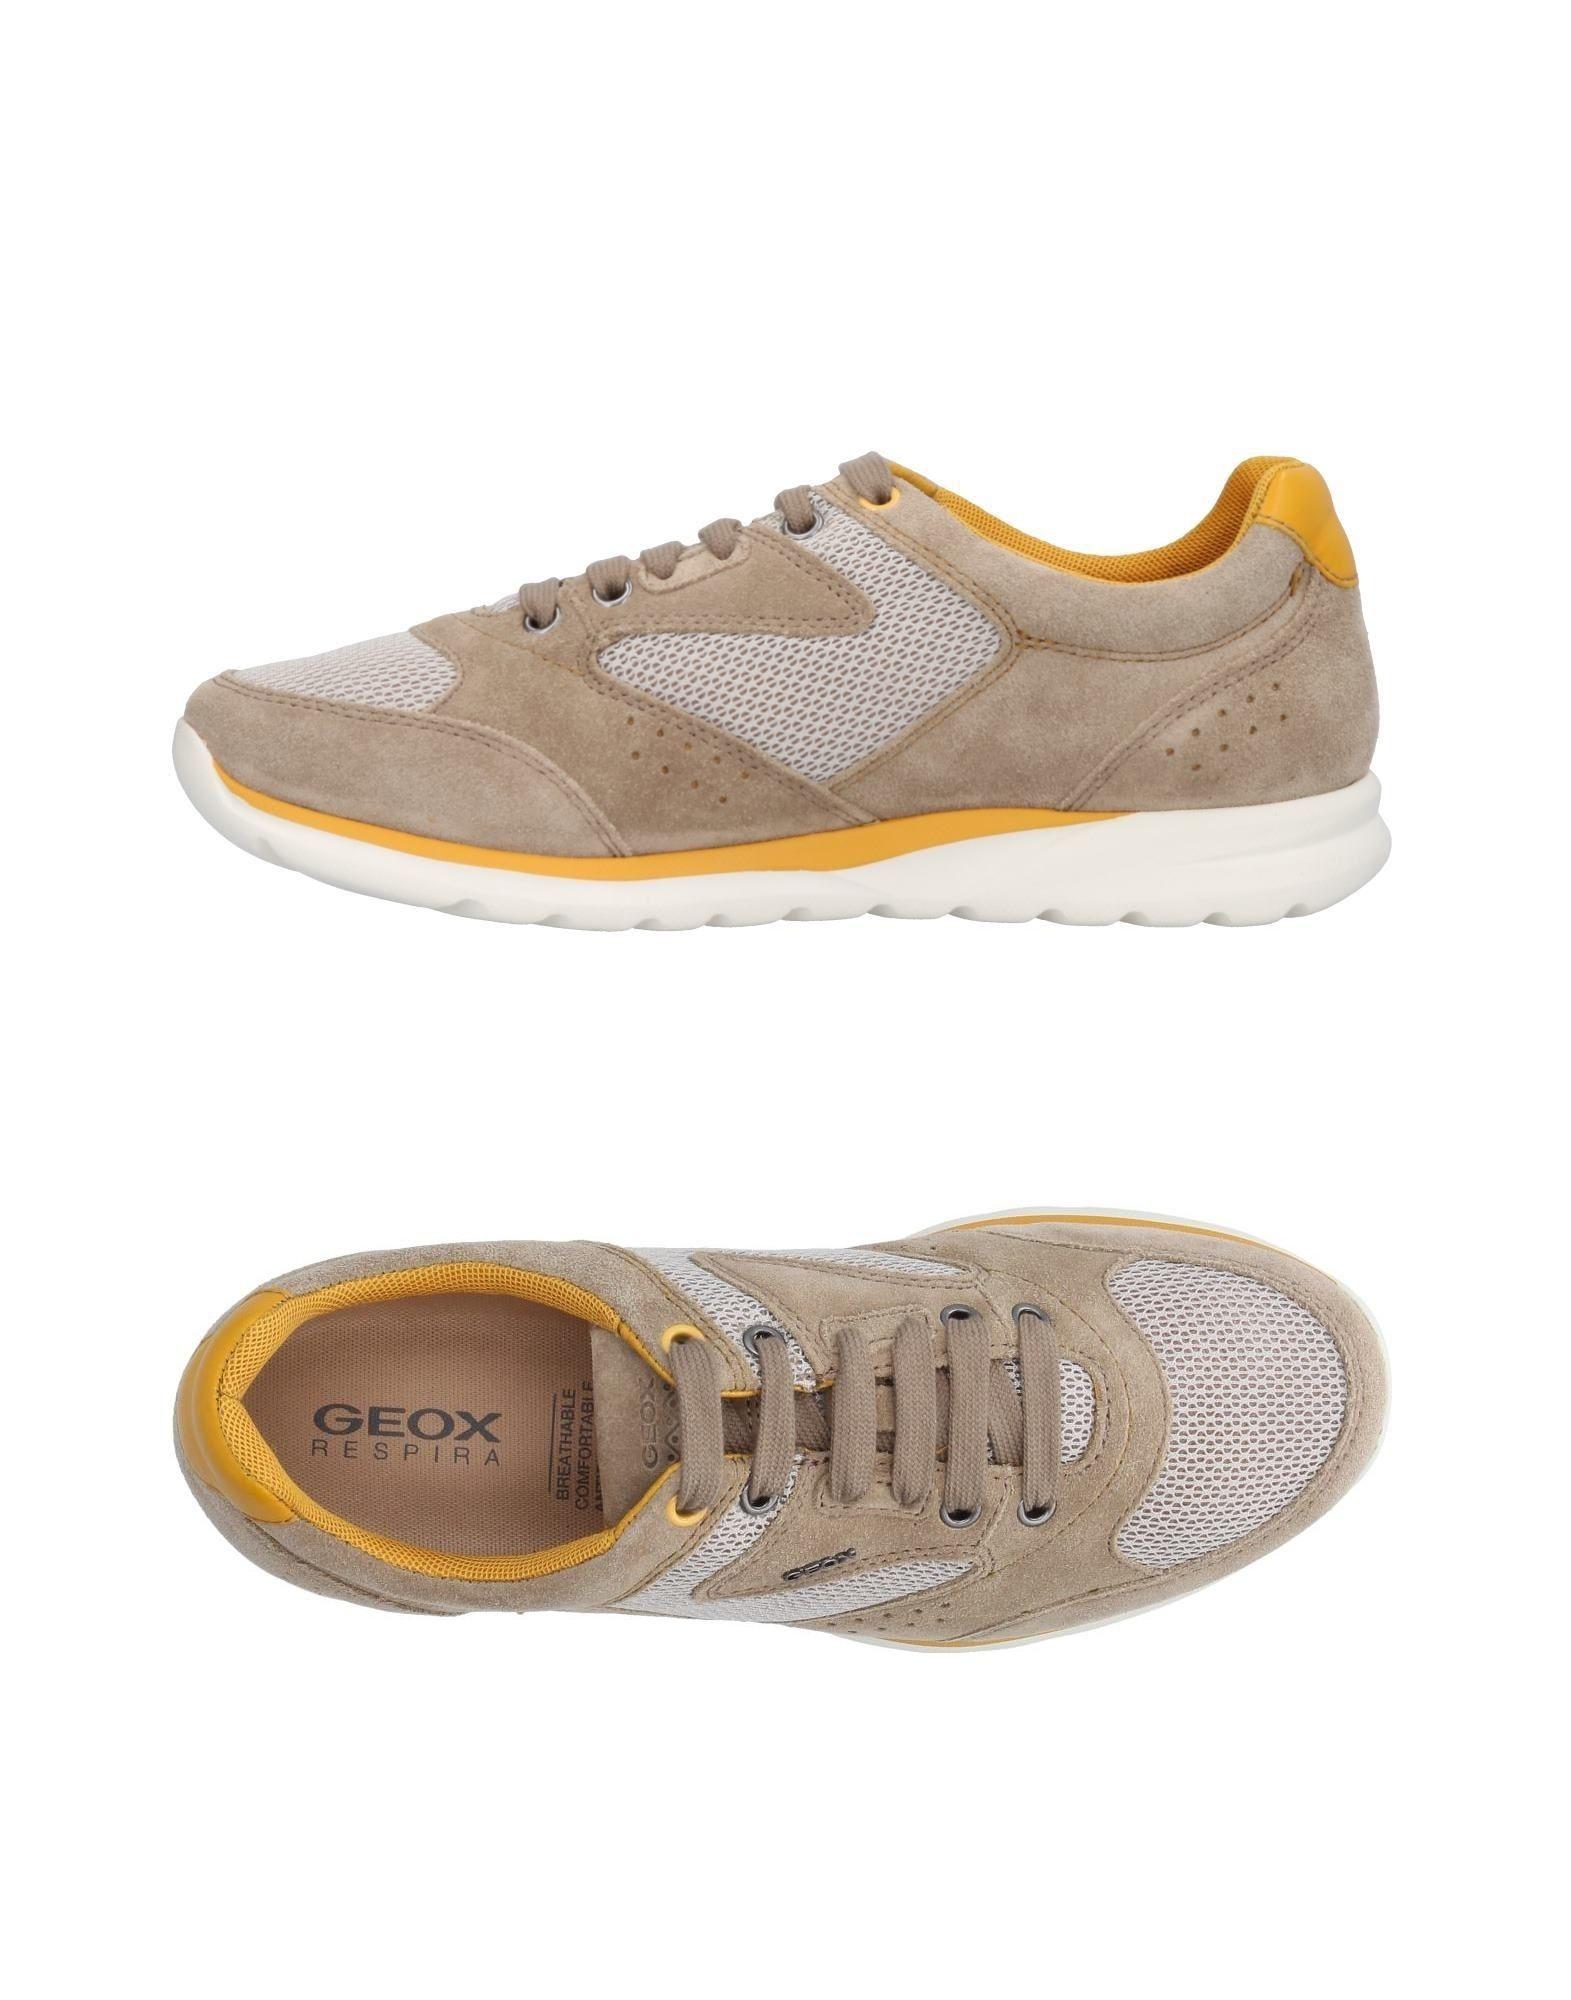 Rabatt echte Schuhe Geox Sneakers Herren  11414681CG